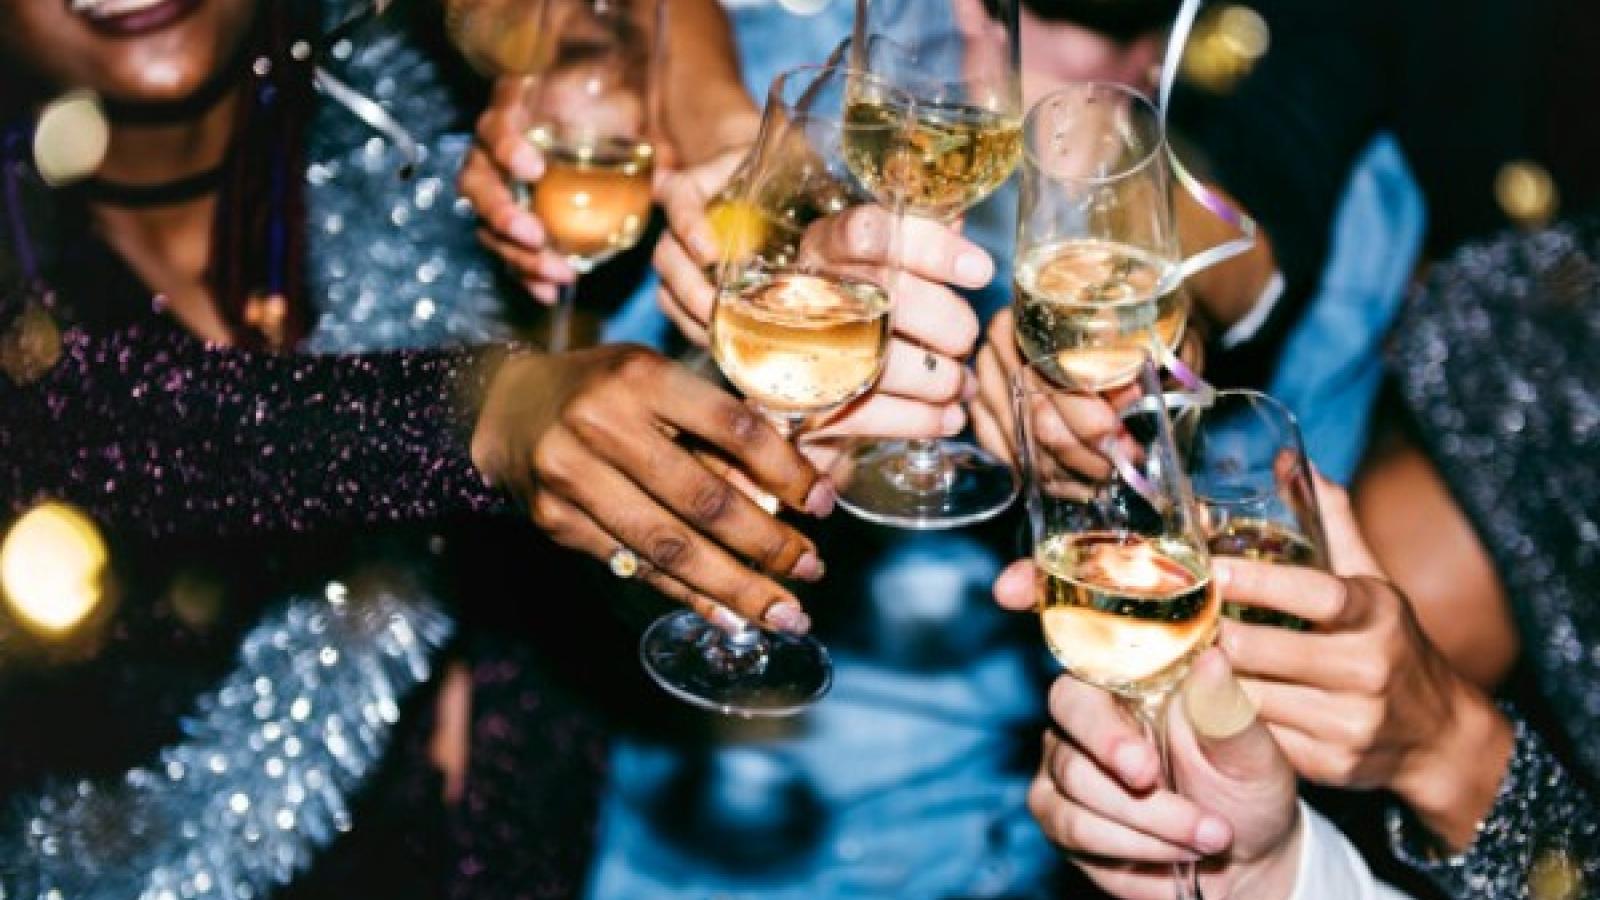 Mẹo từ chuyên gia giúp bạn đối phó với cảm giác nôn nao sau khi say rượu